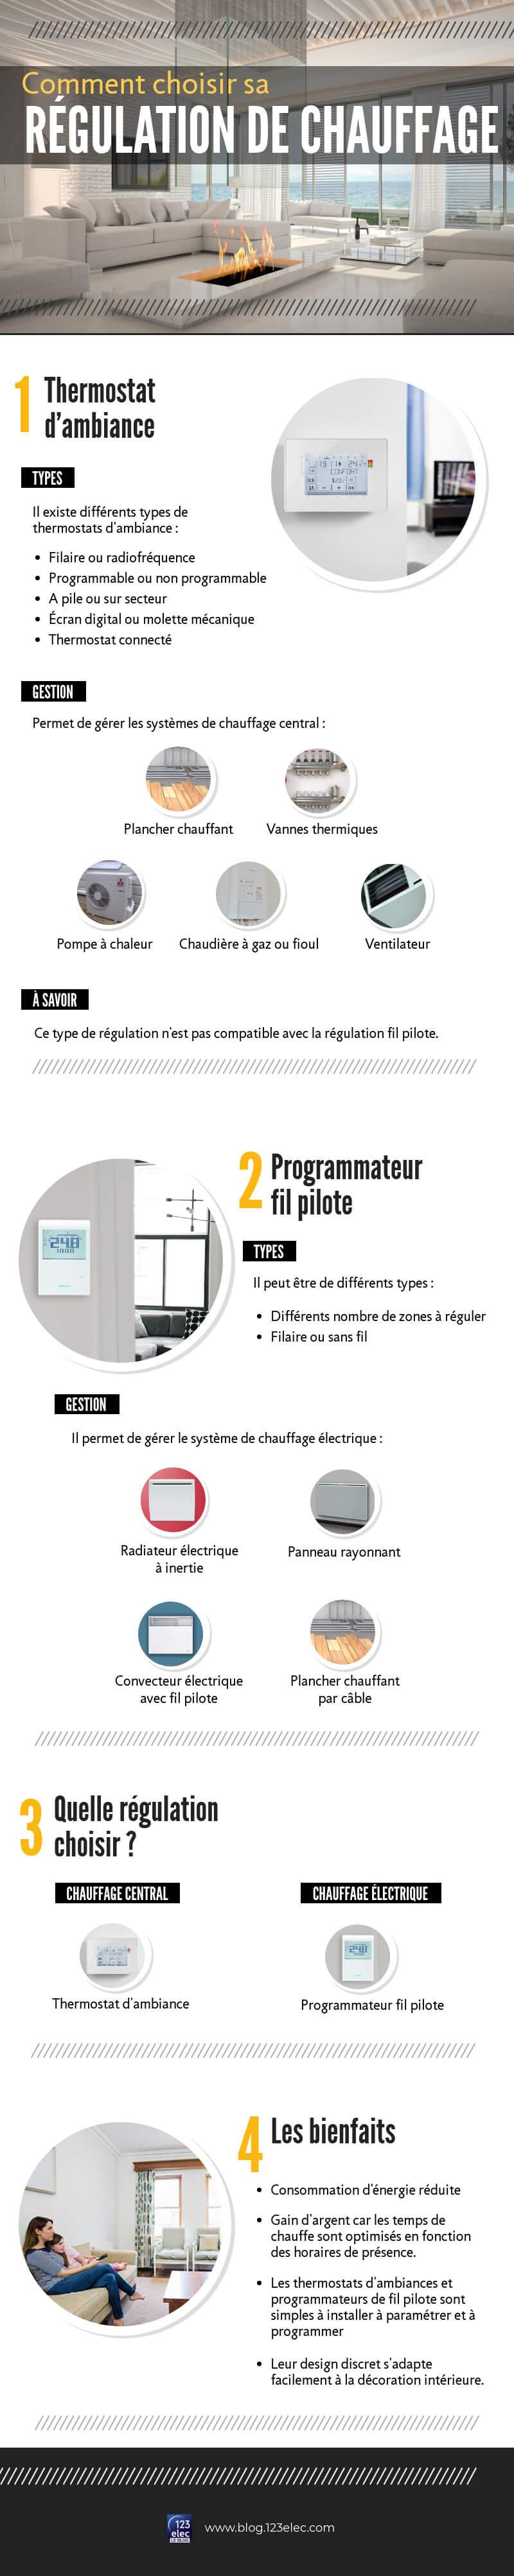 Infographie sur comment choisir sa régulation de chauffage